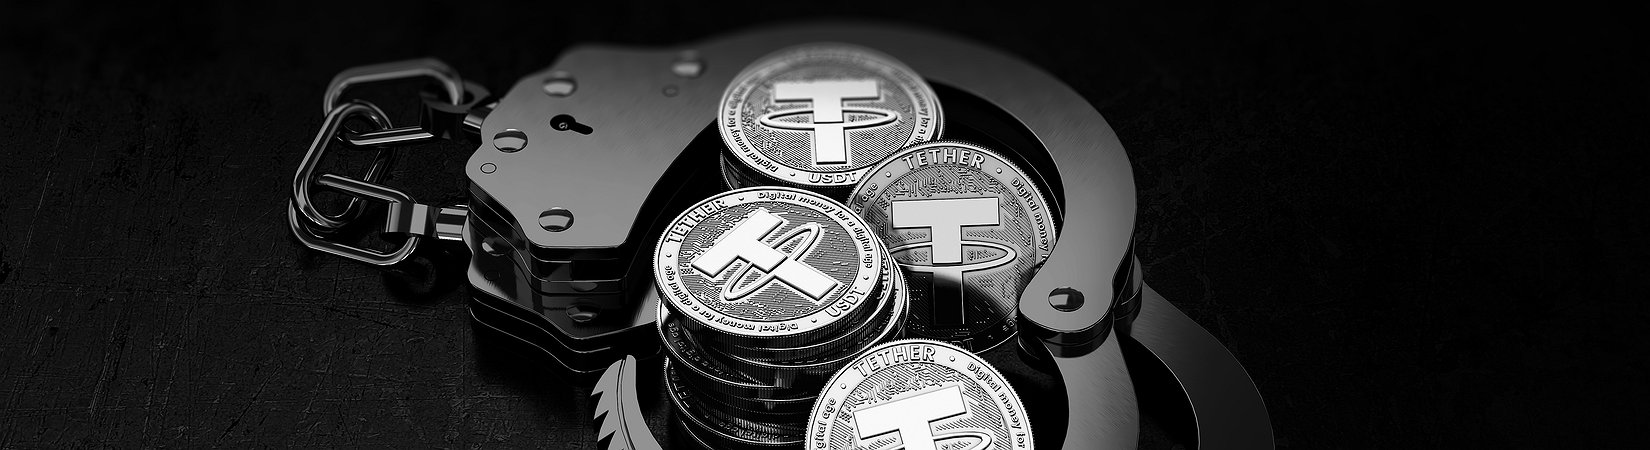 لماذا العملة المشفرة Tether لها كل هذه الأهمية للمستثمرين